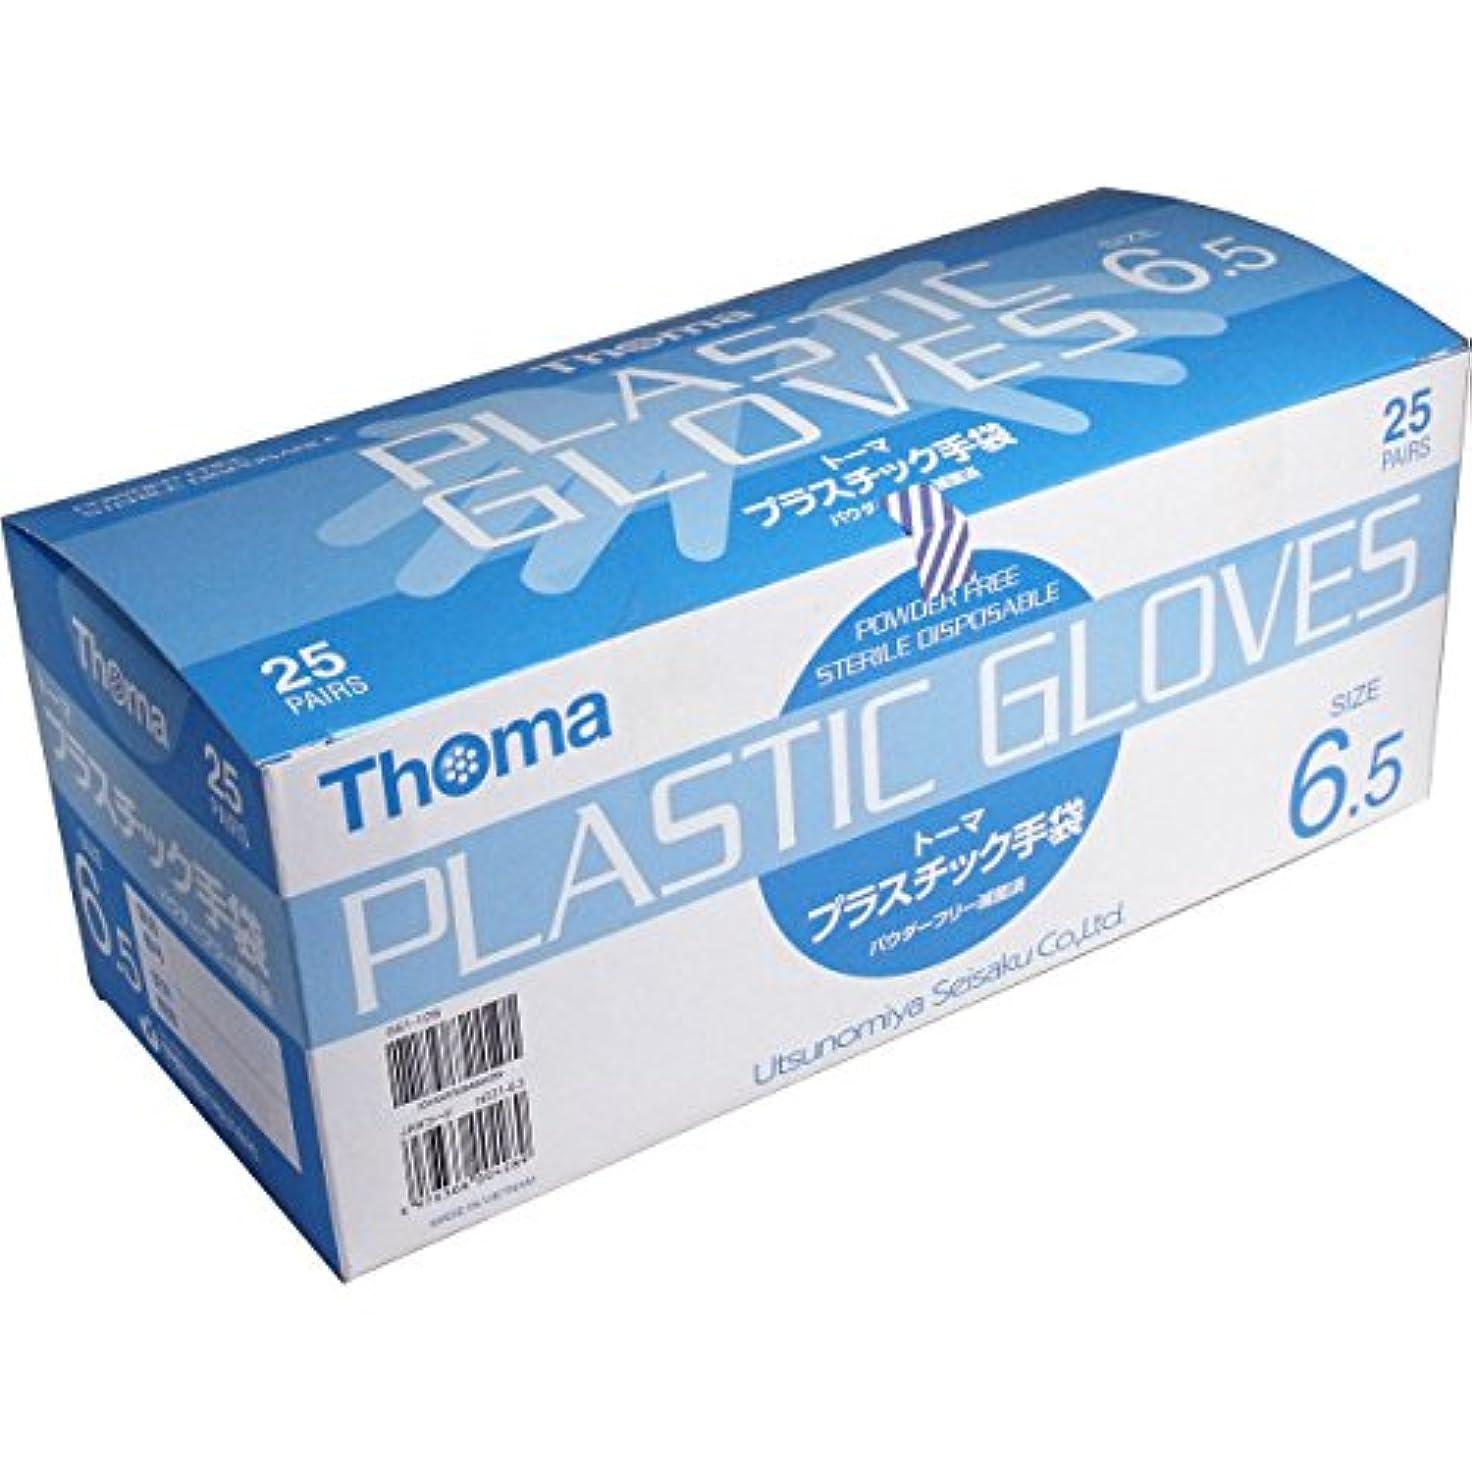 ほかに保守的ペストリー超薄手プラスチック手袋 1双毎に滅菌包装、衛生的 便利 トーマ プラスチック手袋 パウダーフリー滅菌済 25双入 サイズ6.5【3個セット】